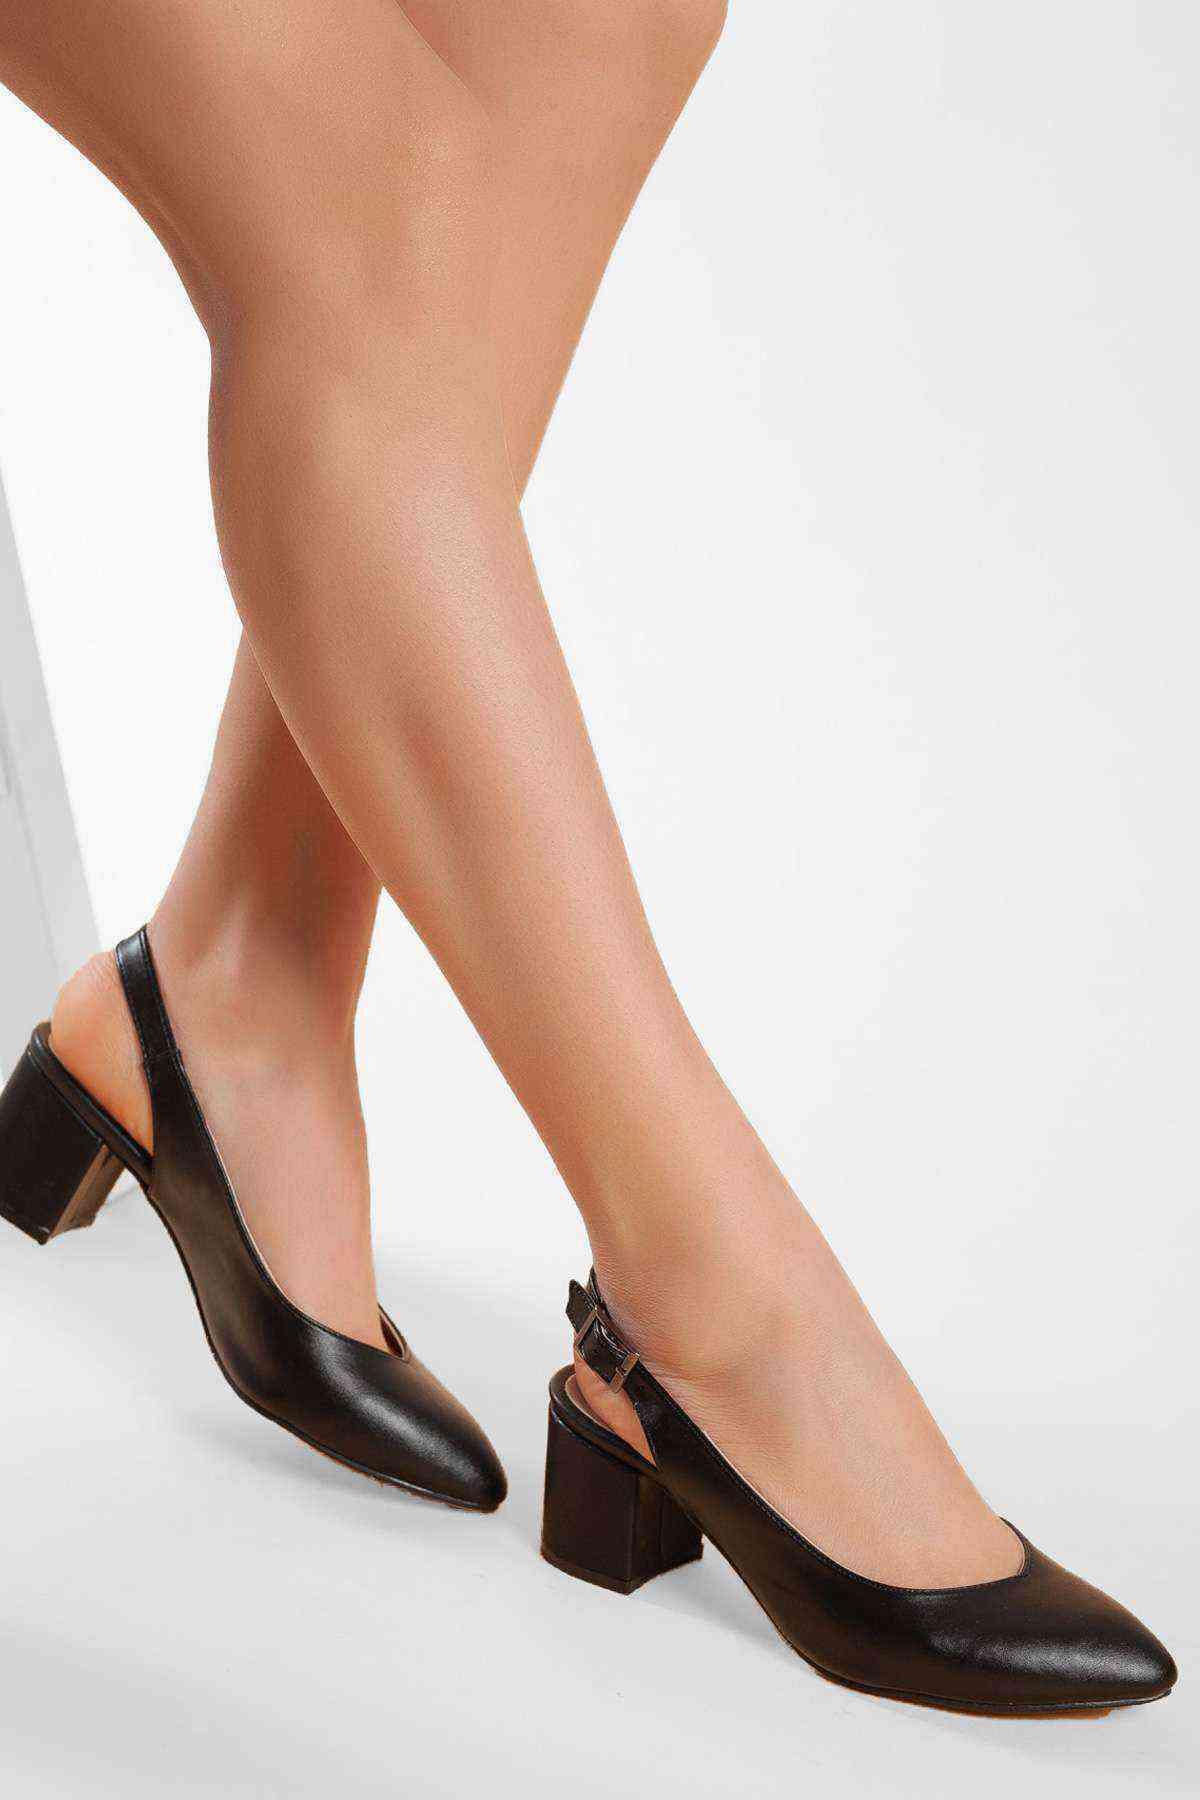 Kadın Topuklu Ayakkabı - Siyah Cilt